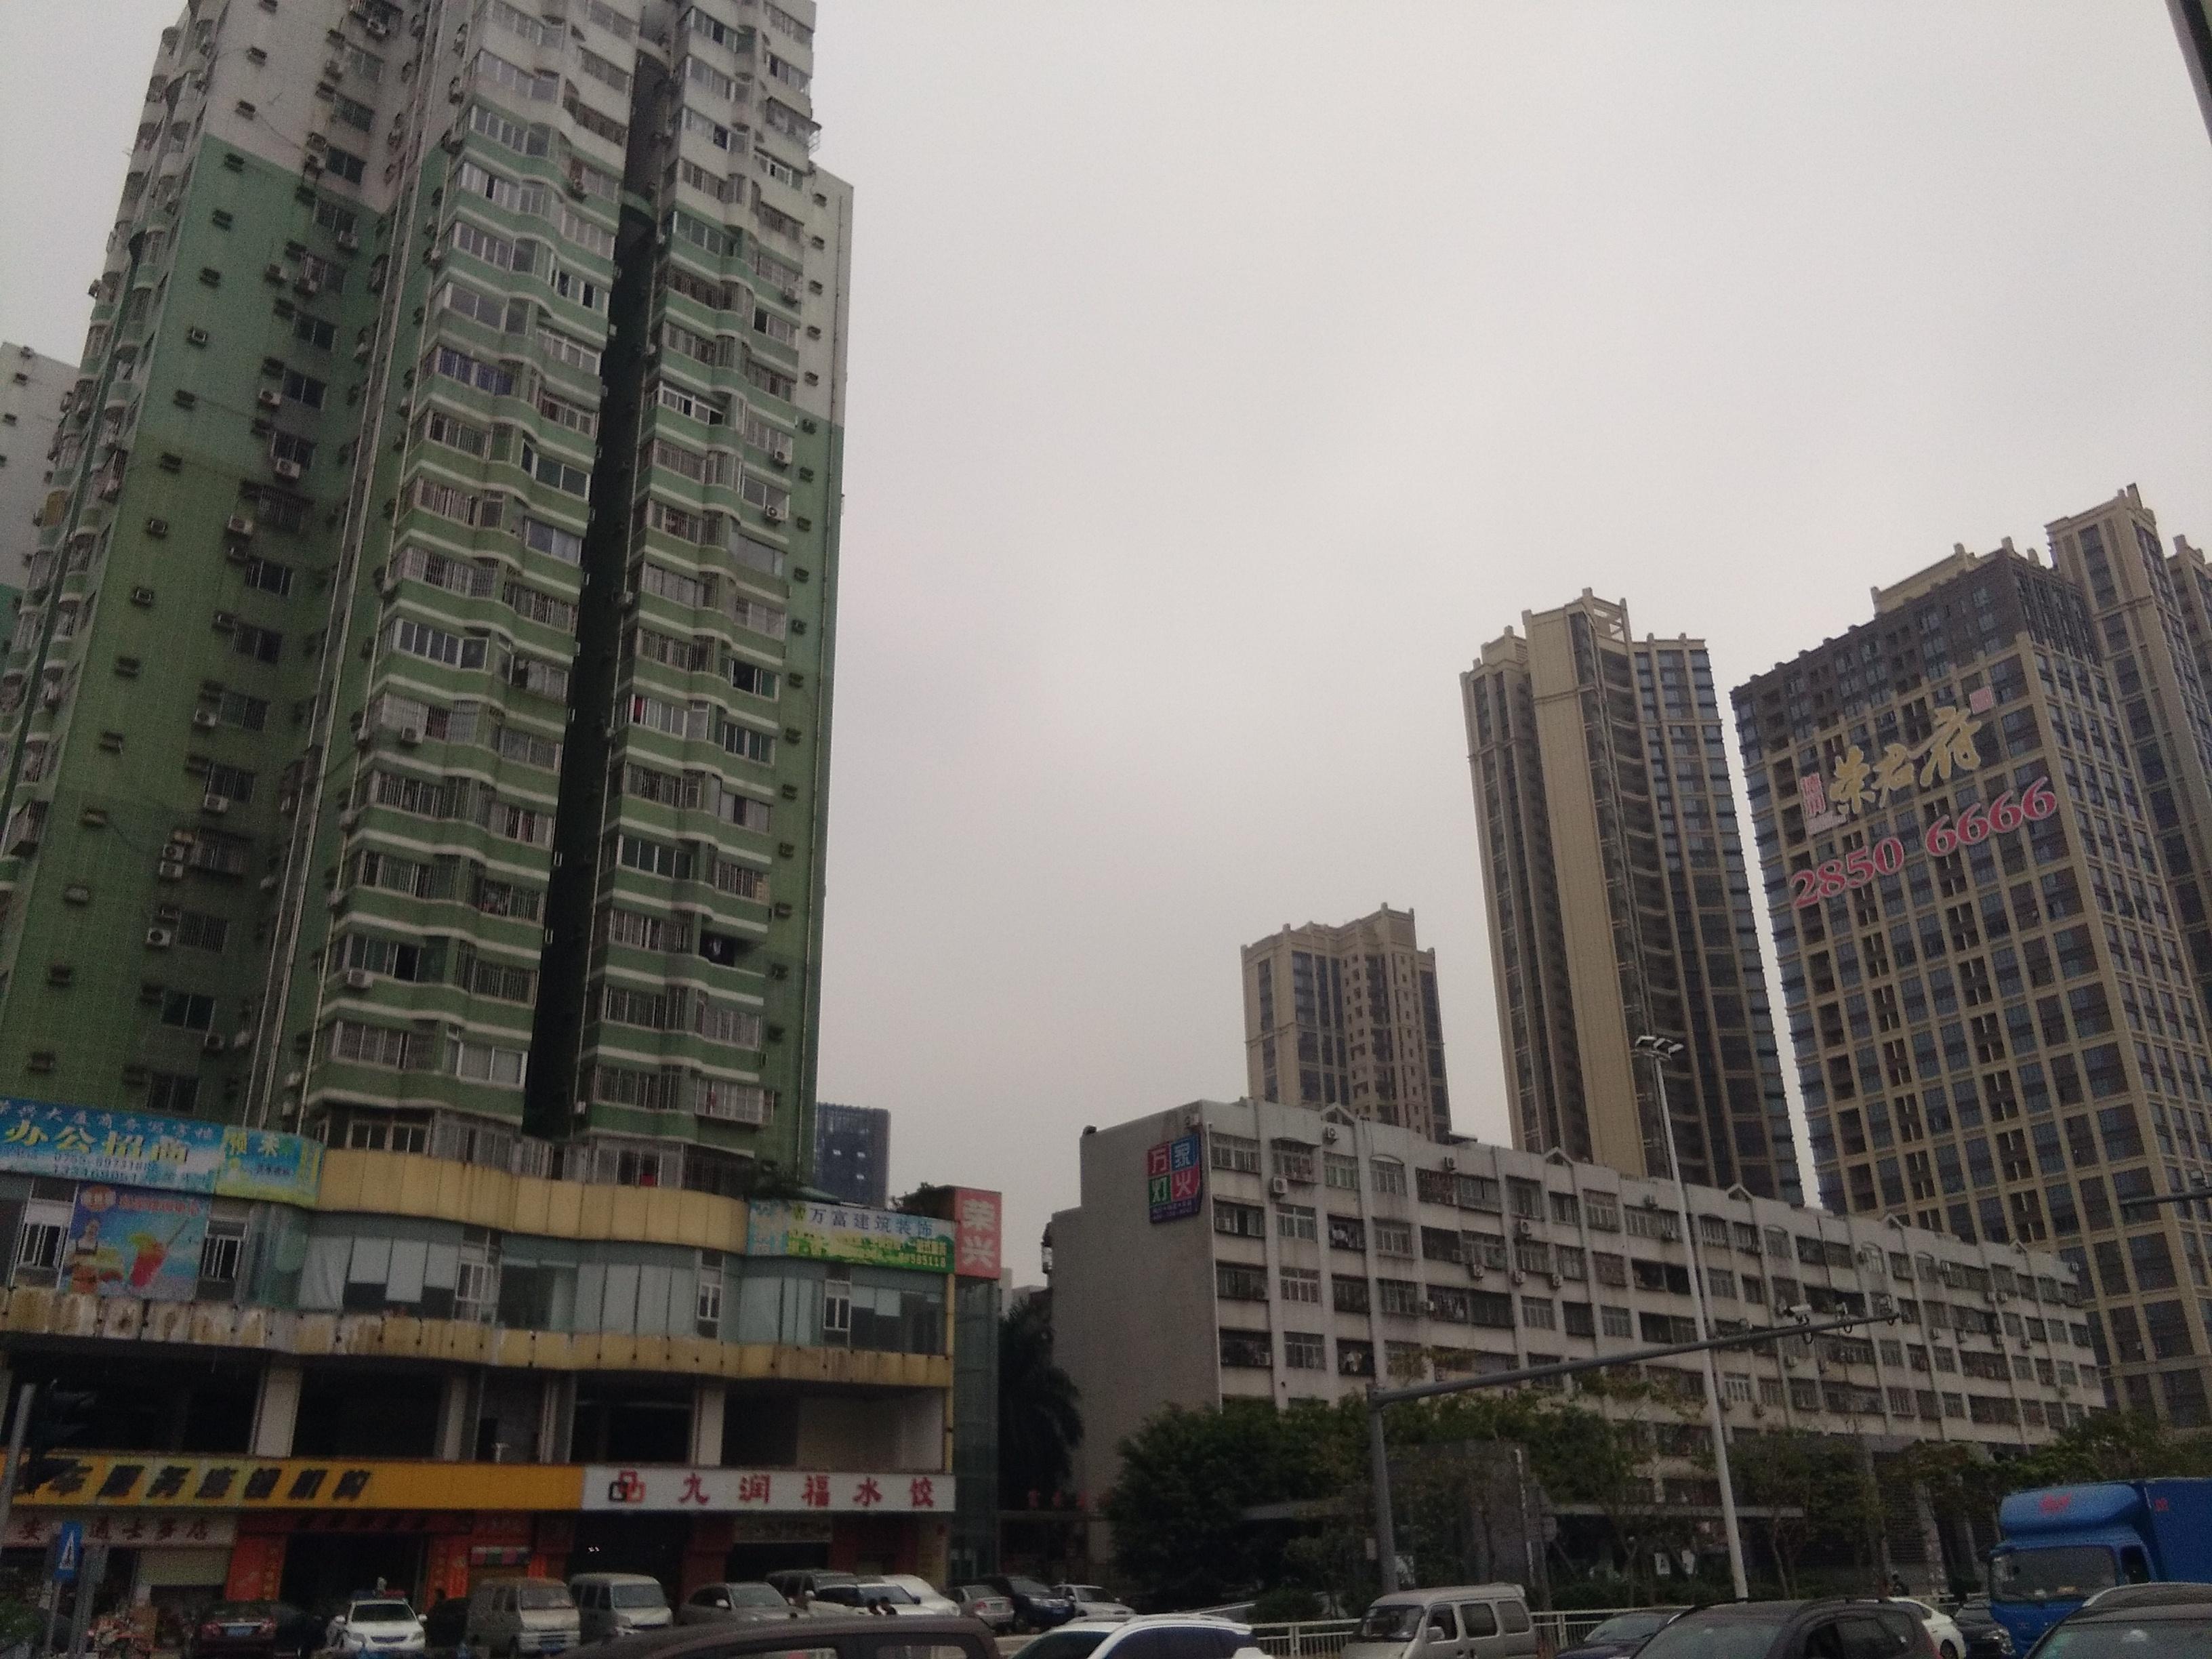 A kereszteződés egy másik oldala, régebbi épületekkel.